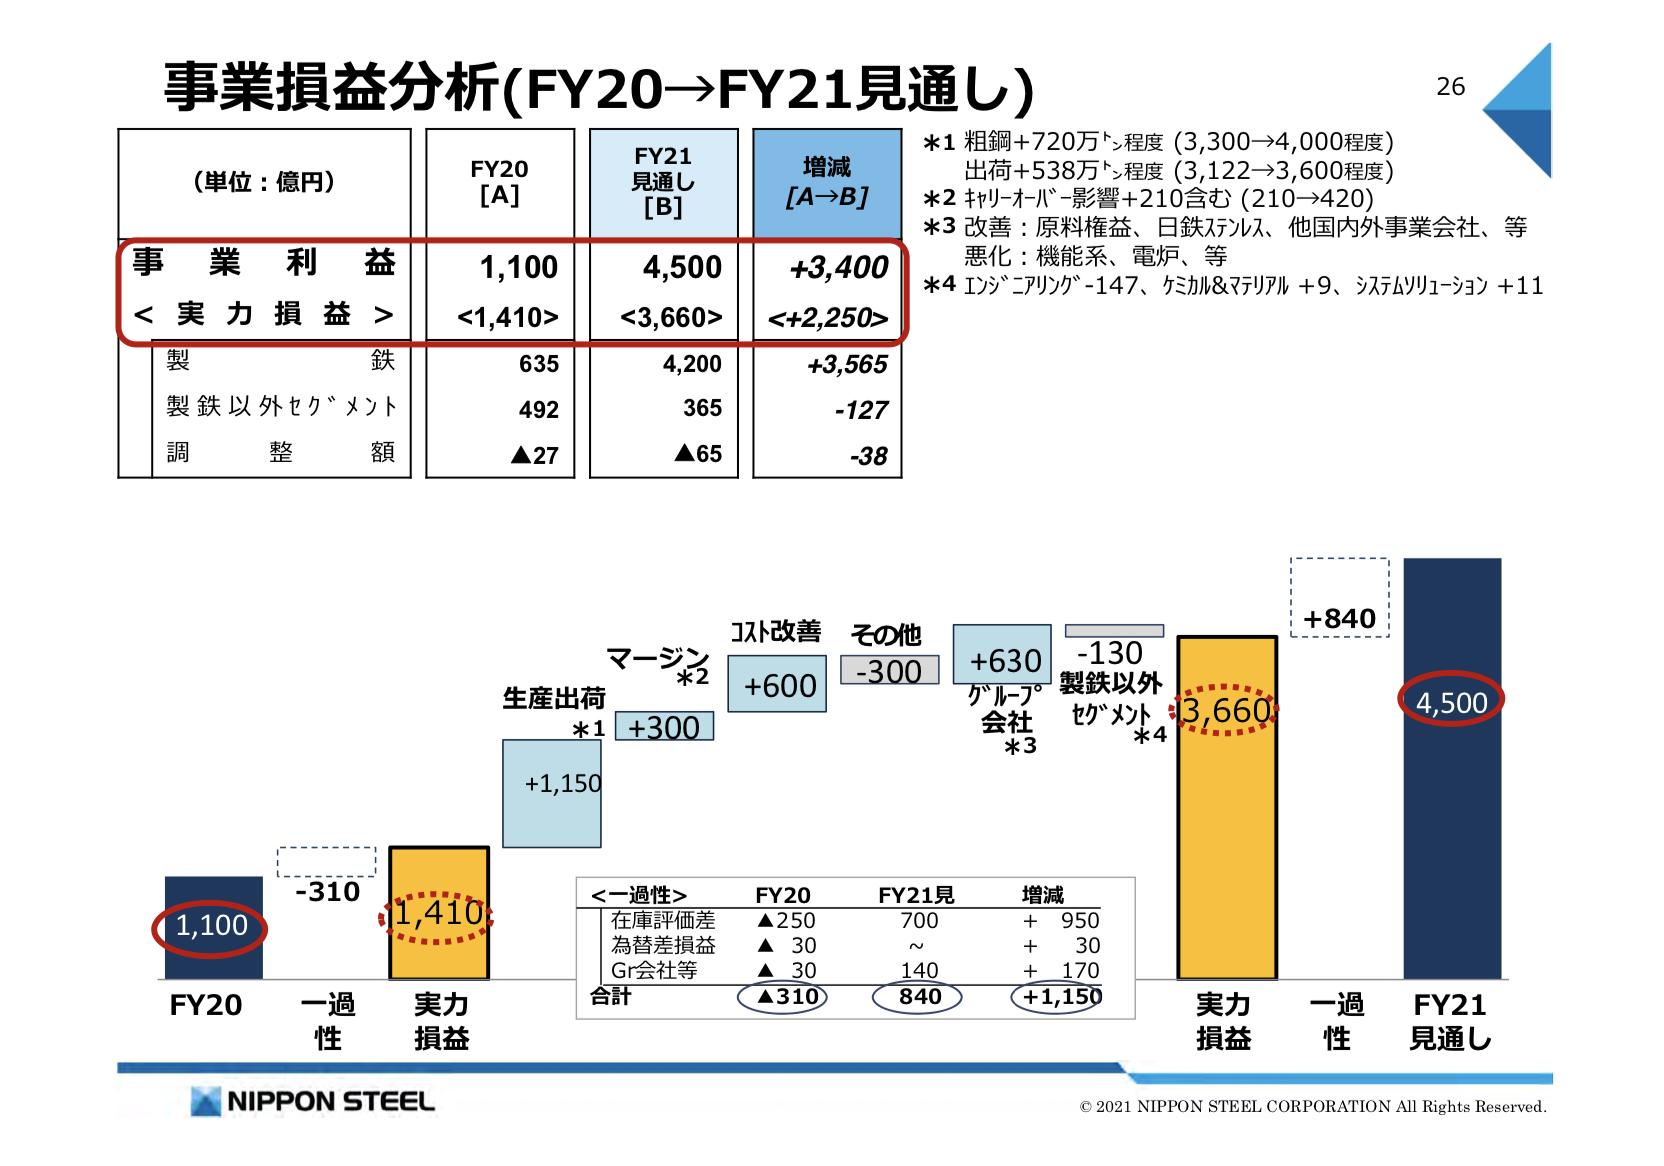 日本製鉄 2020年度決算 説明会